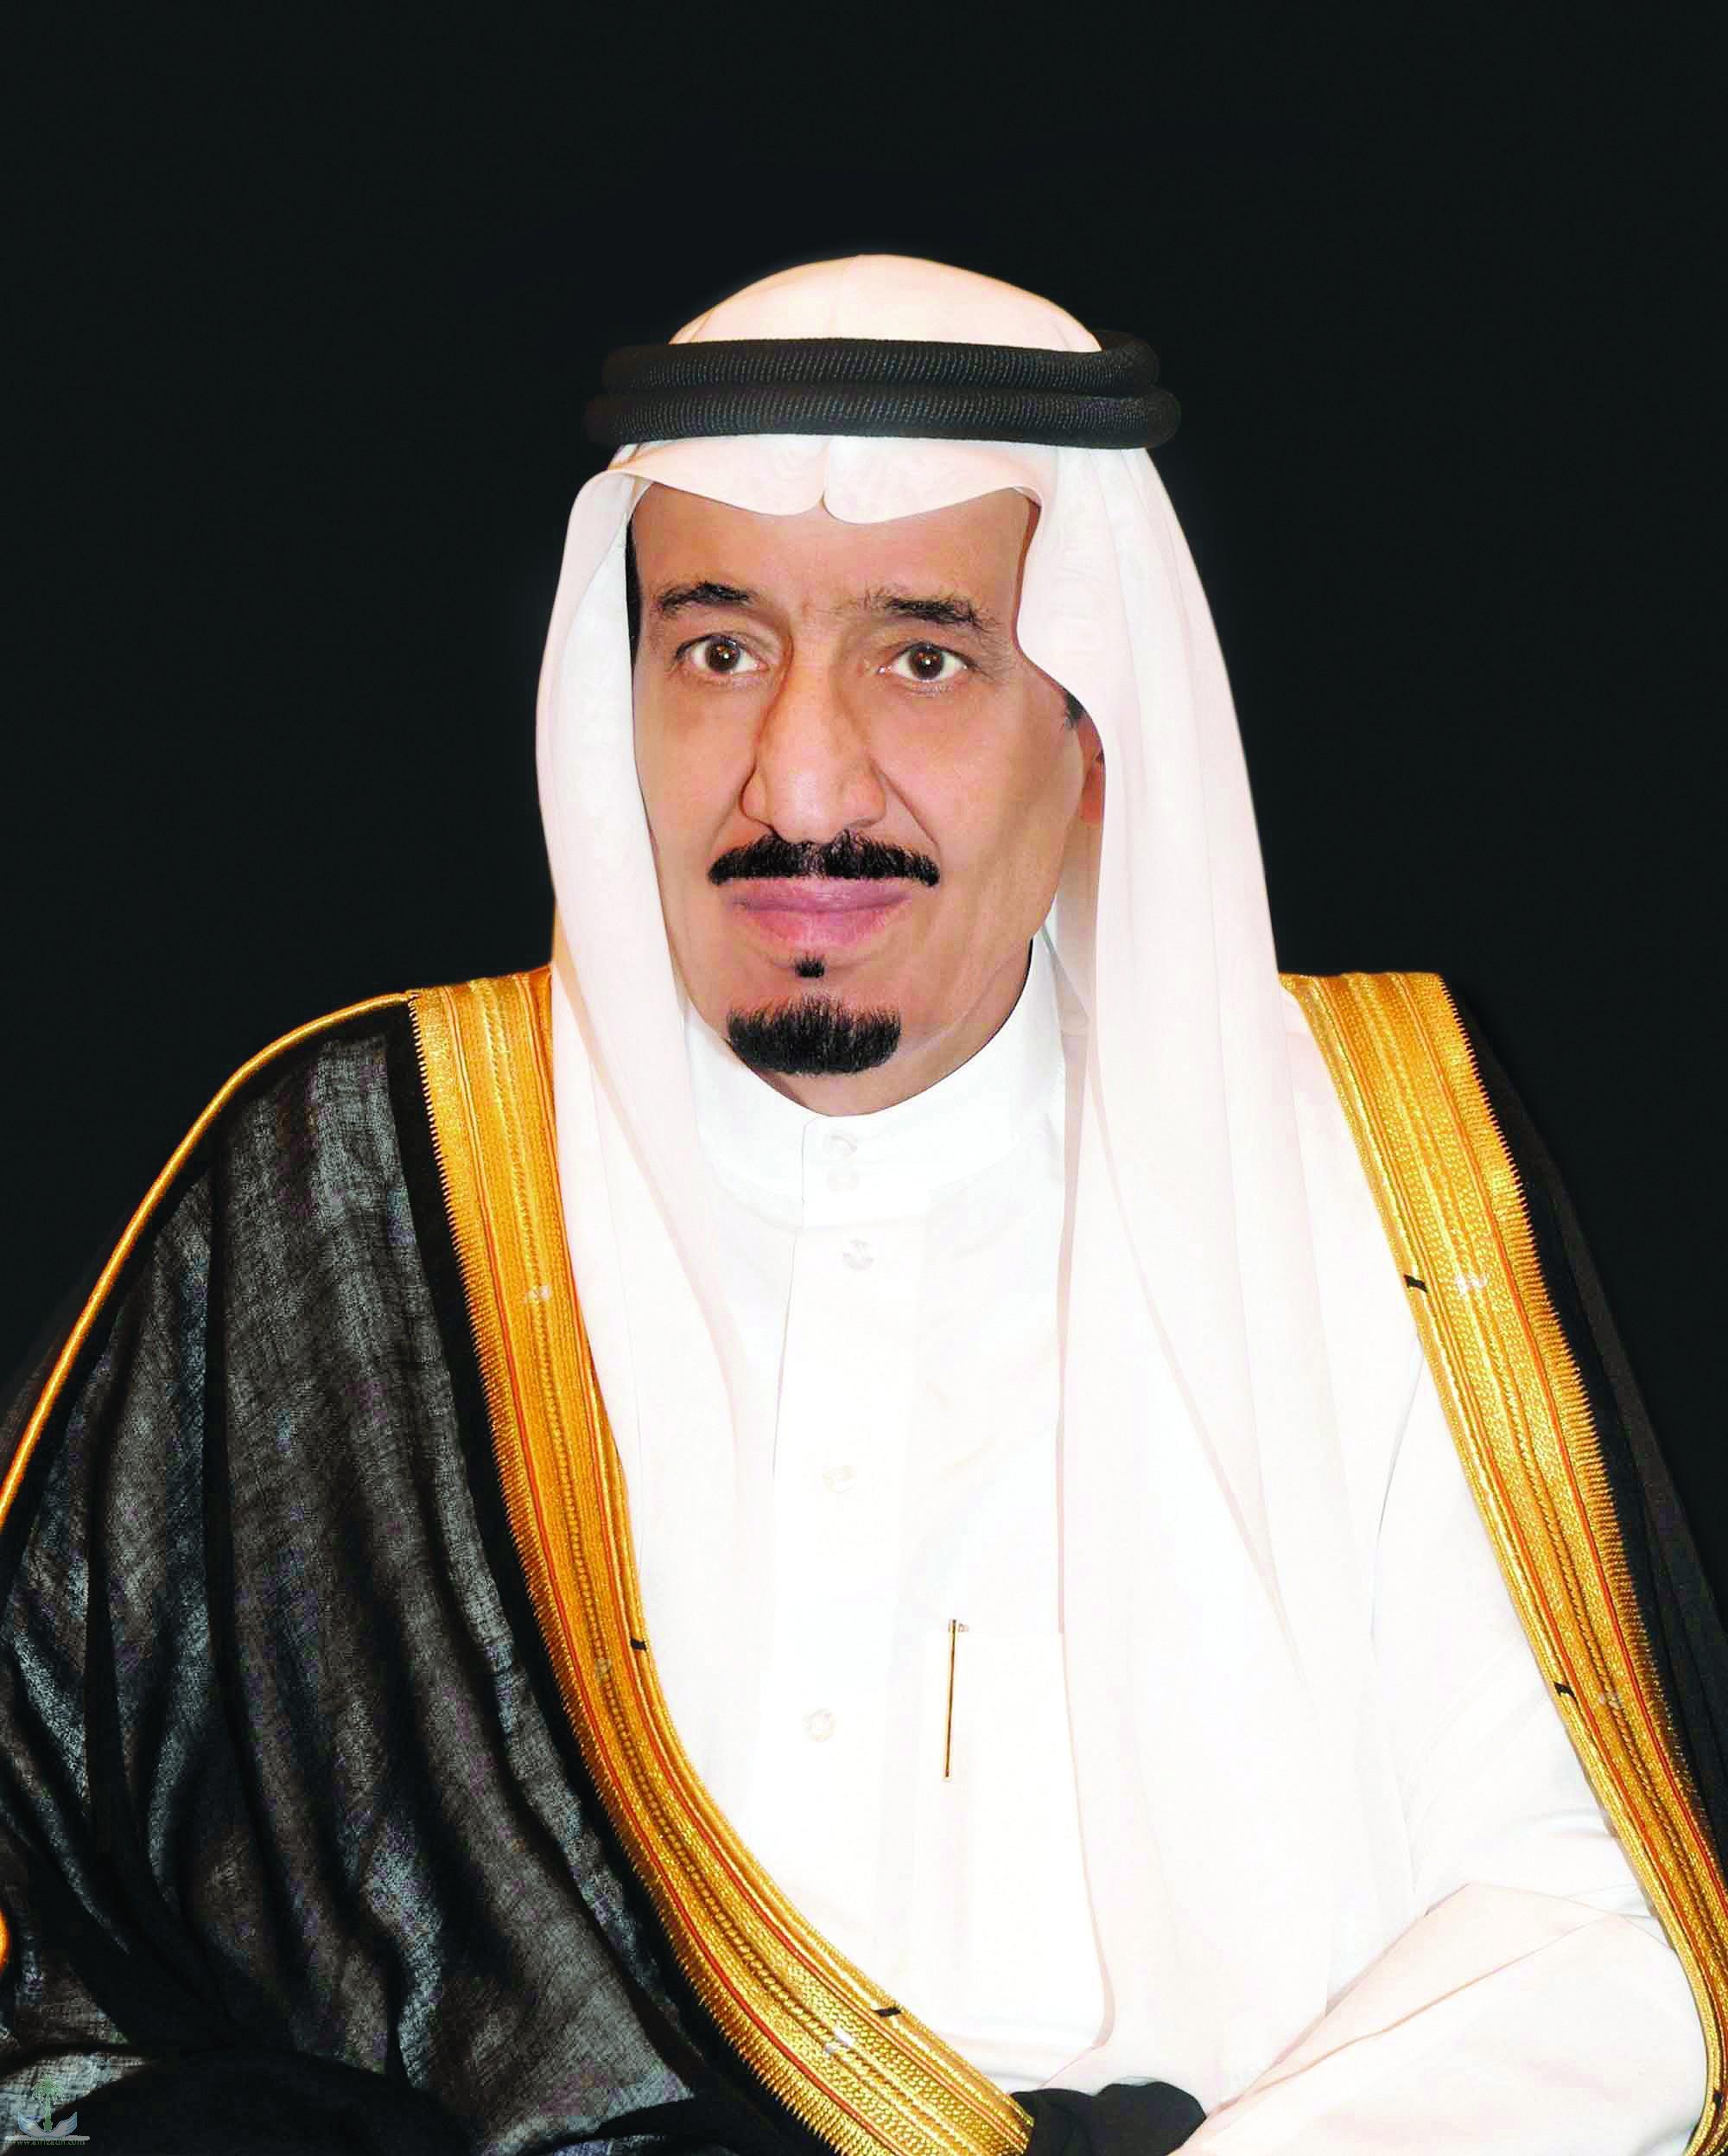 Служитель Двух Святынь и наследный принц подержали проект «Хорошее жильё» 150 млн.риалов